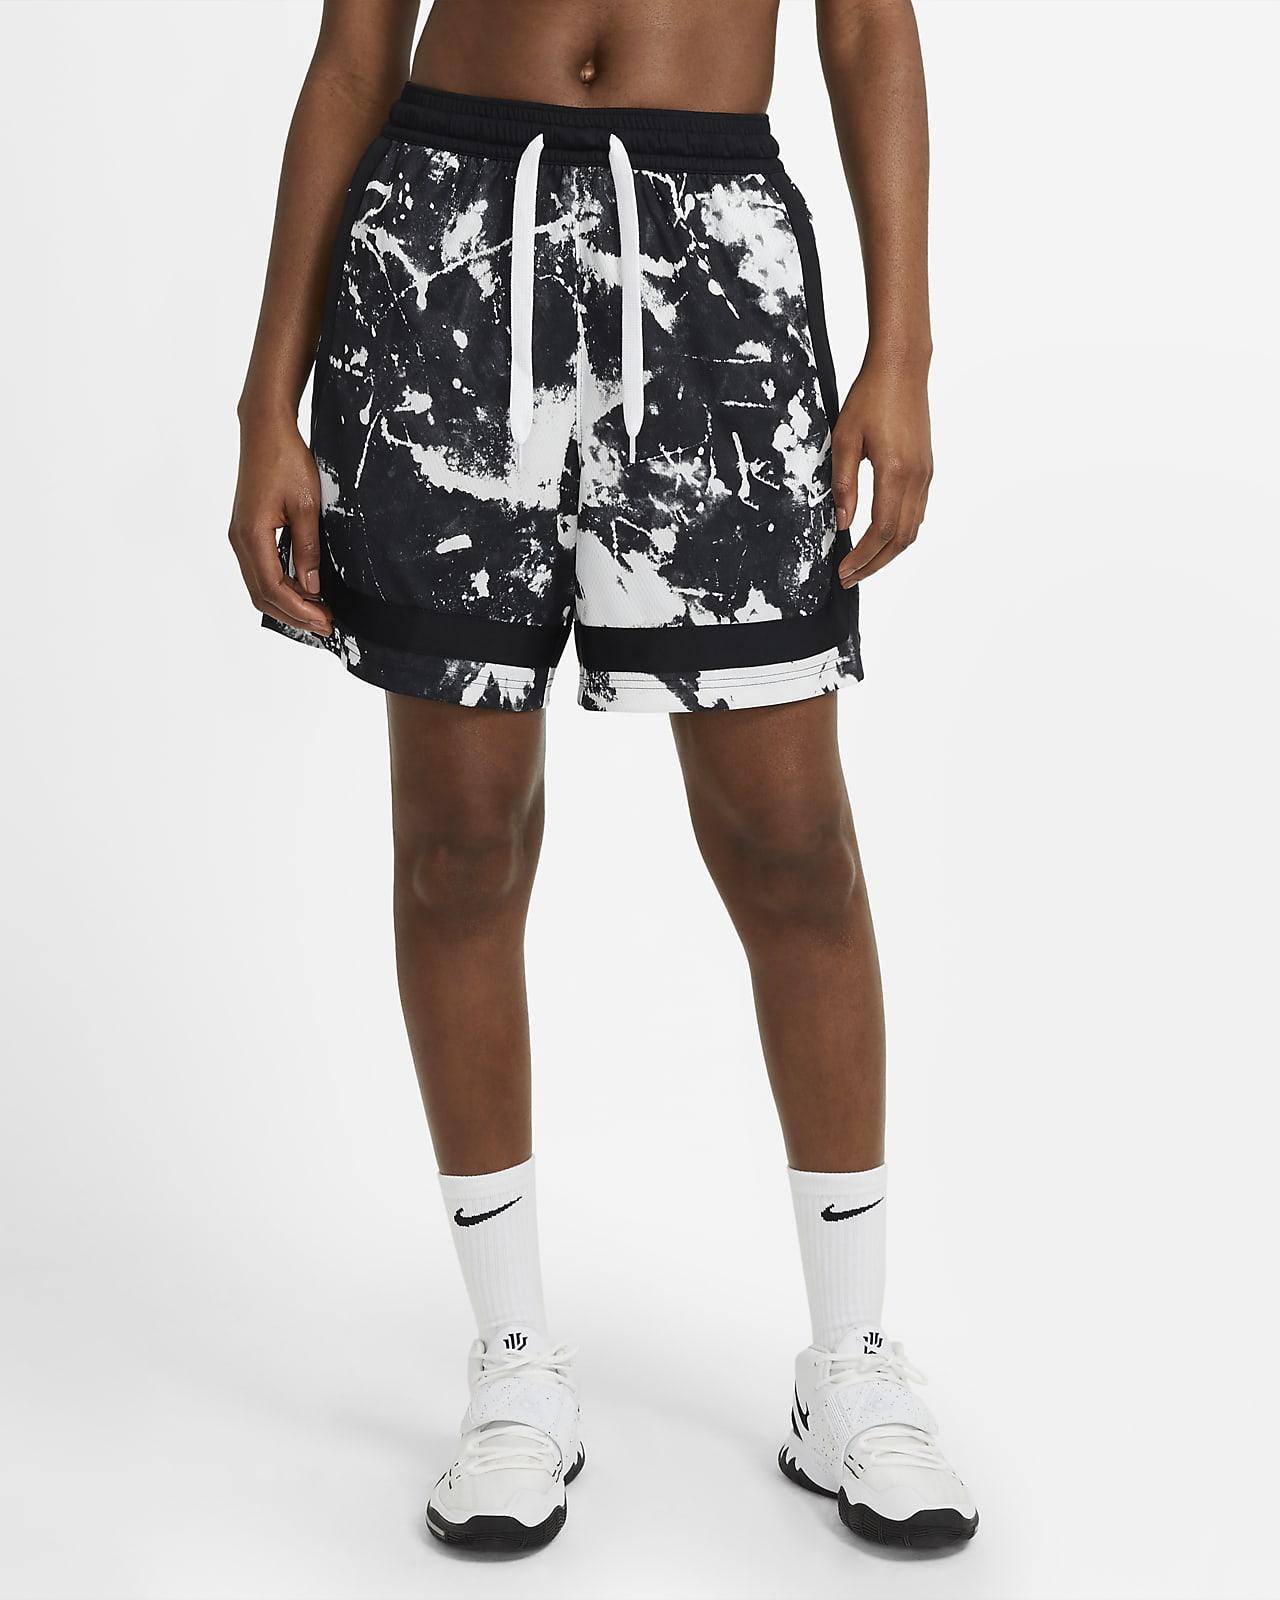 Γυναικείο εμπριμέ σορτς μπάσκετ Nike Swoosh Fly